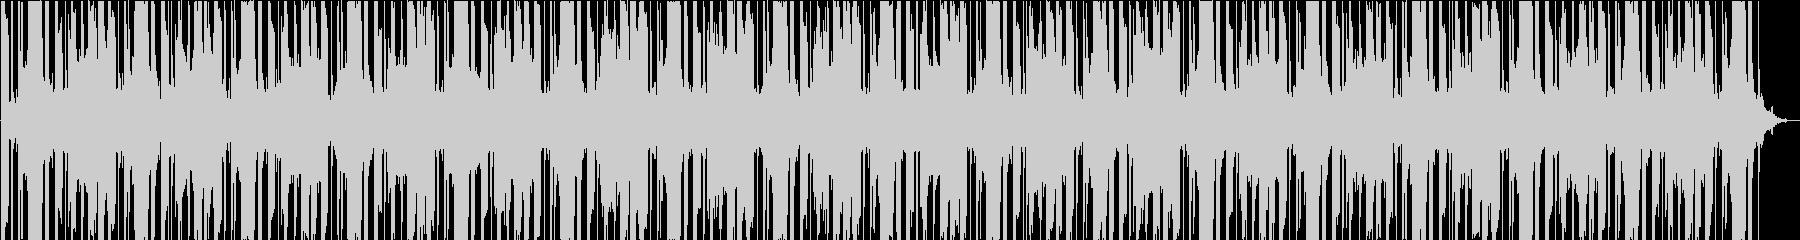 シーケンス 電子ビートダーク02の未再生の波形